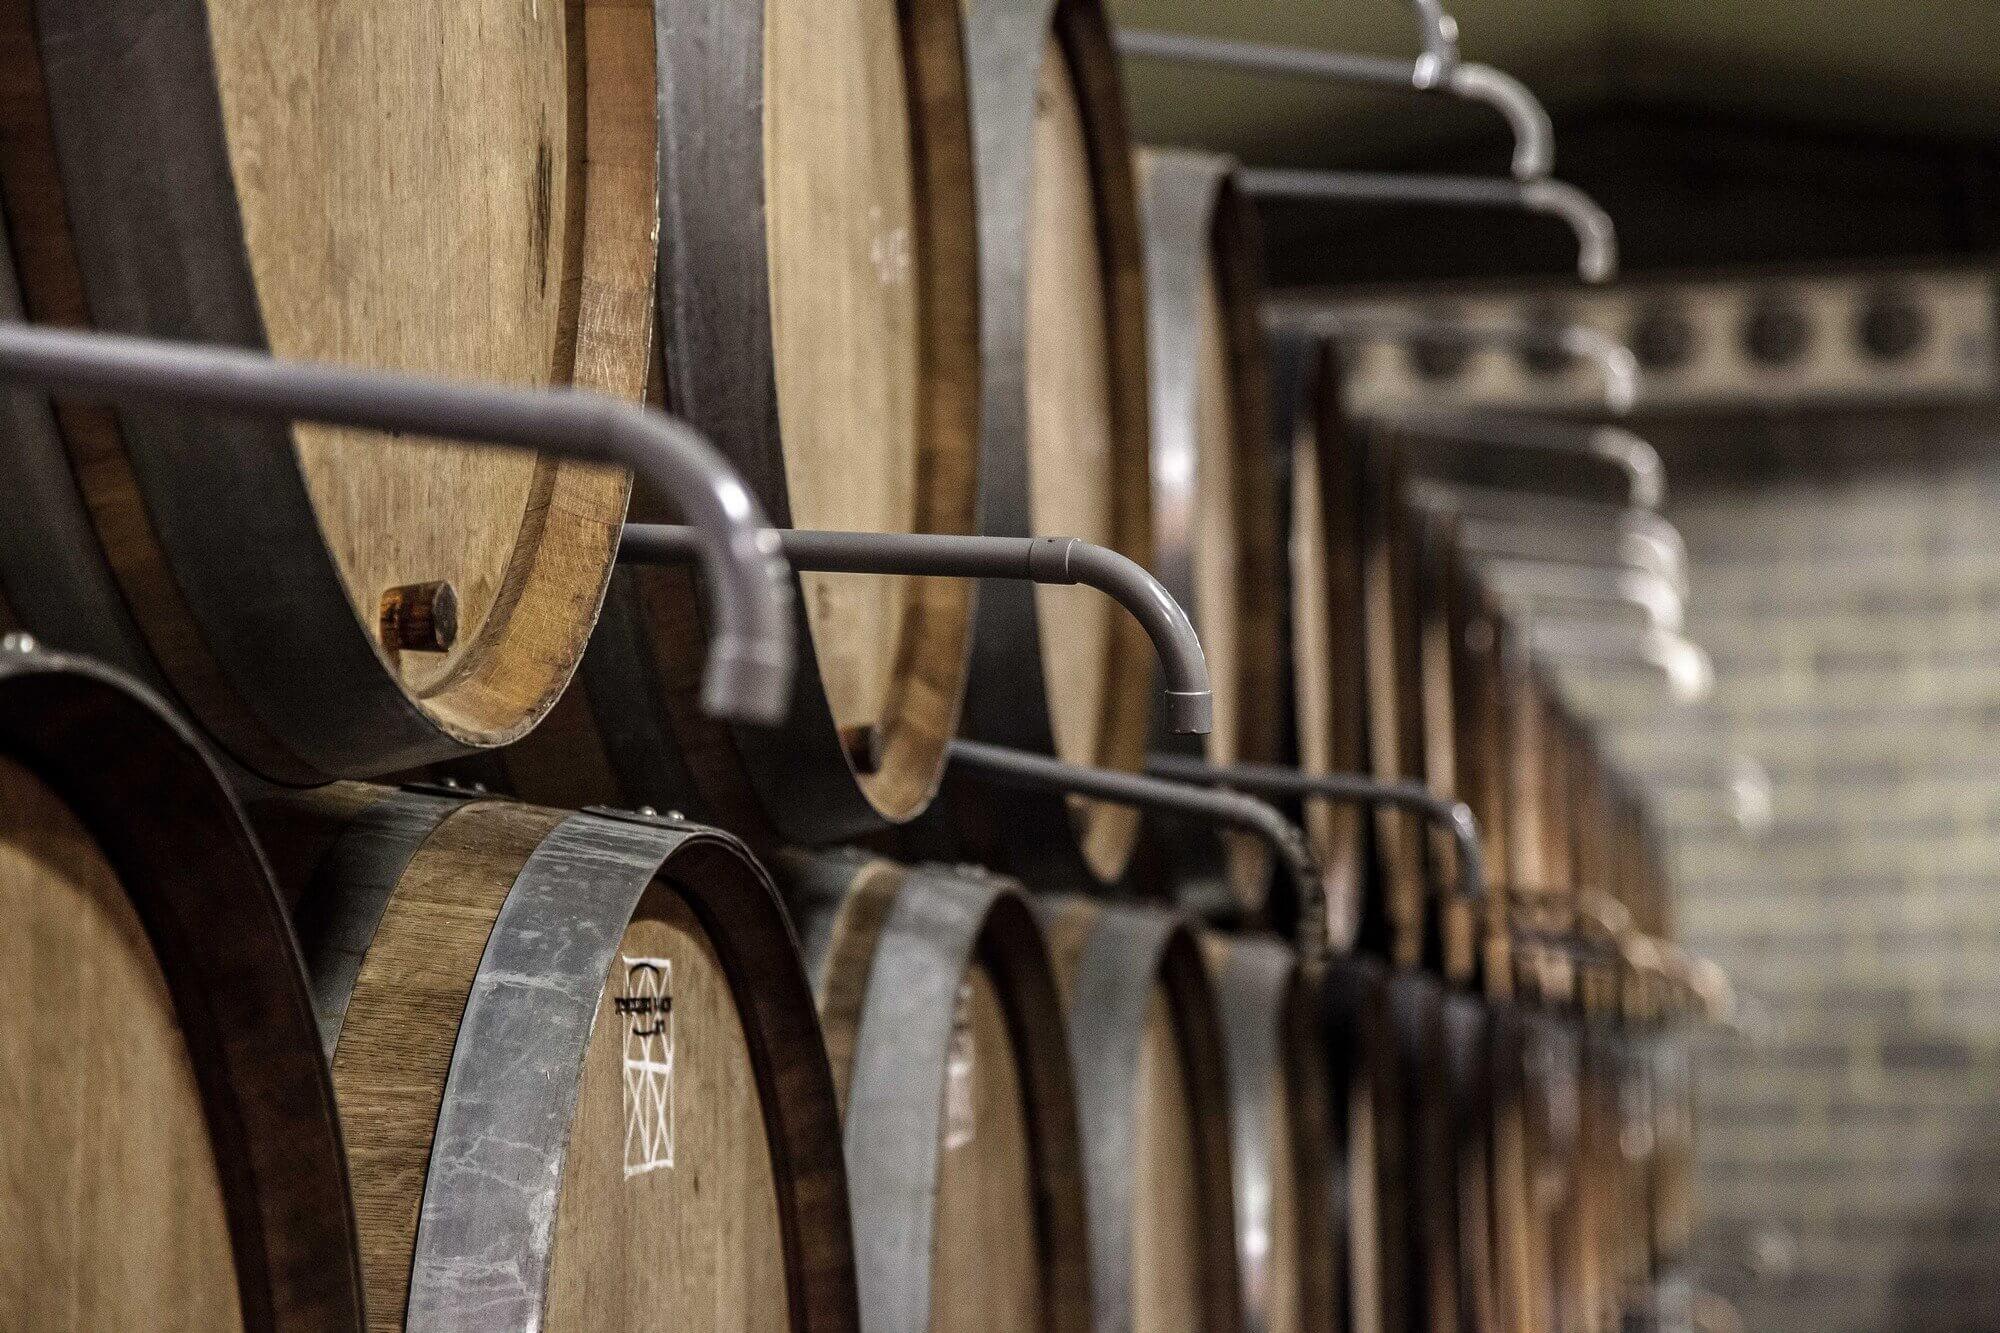 Идеальный купаж: методы и способы купажирования пива